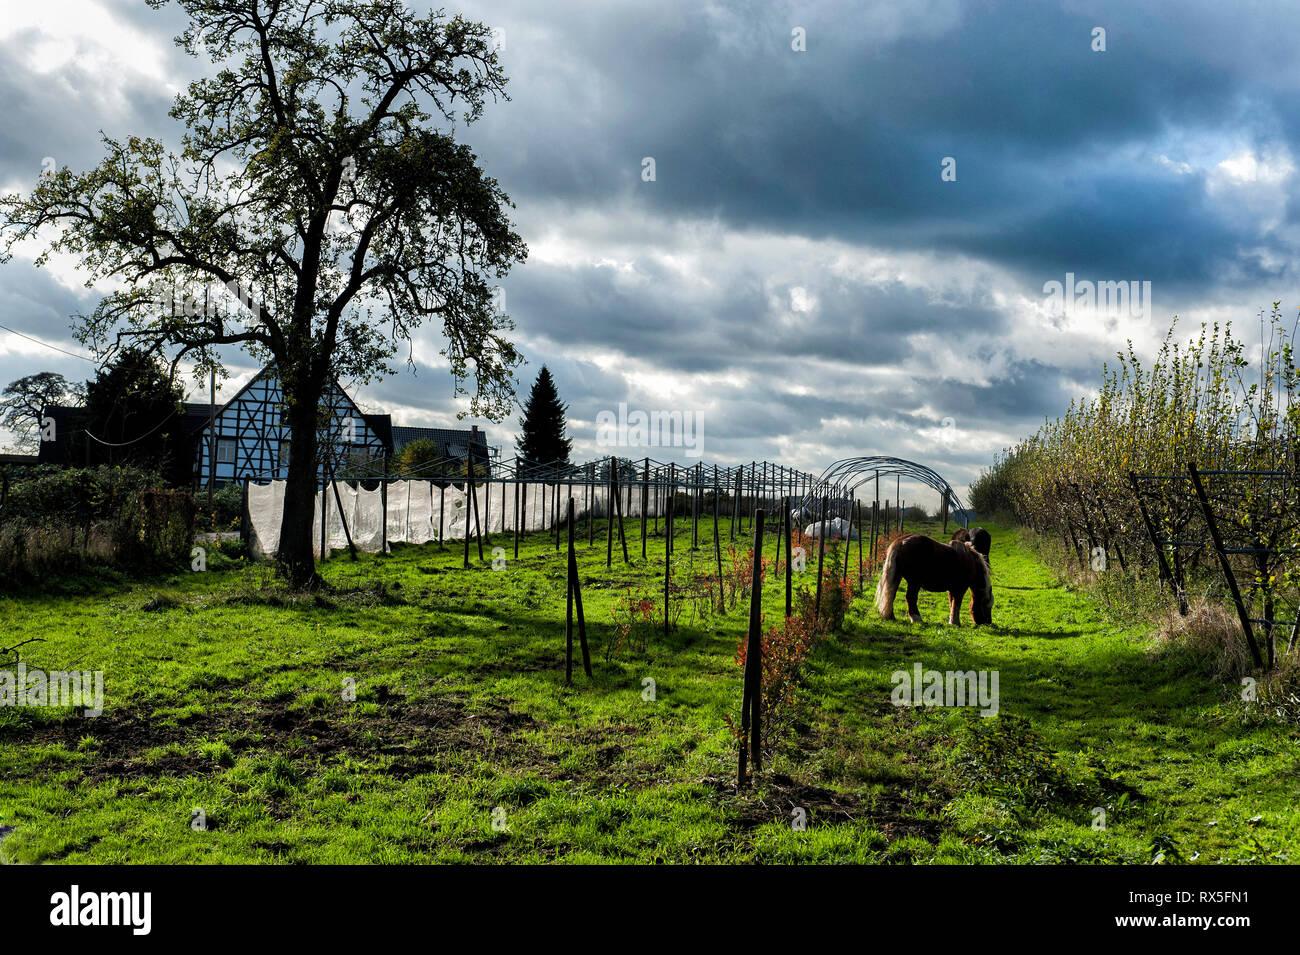 Laendliches Ruhrgebiet mit Wiesen im Herbst bei interessanter Lichtstimmung in Muelheim Ruhr. Grasende Pferde auf einer Koppel. - Stock Image